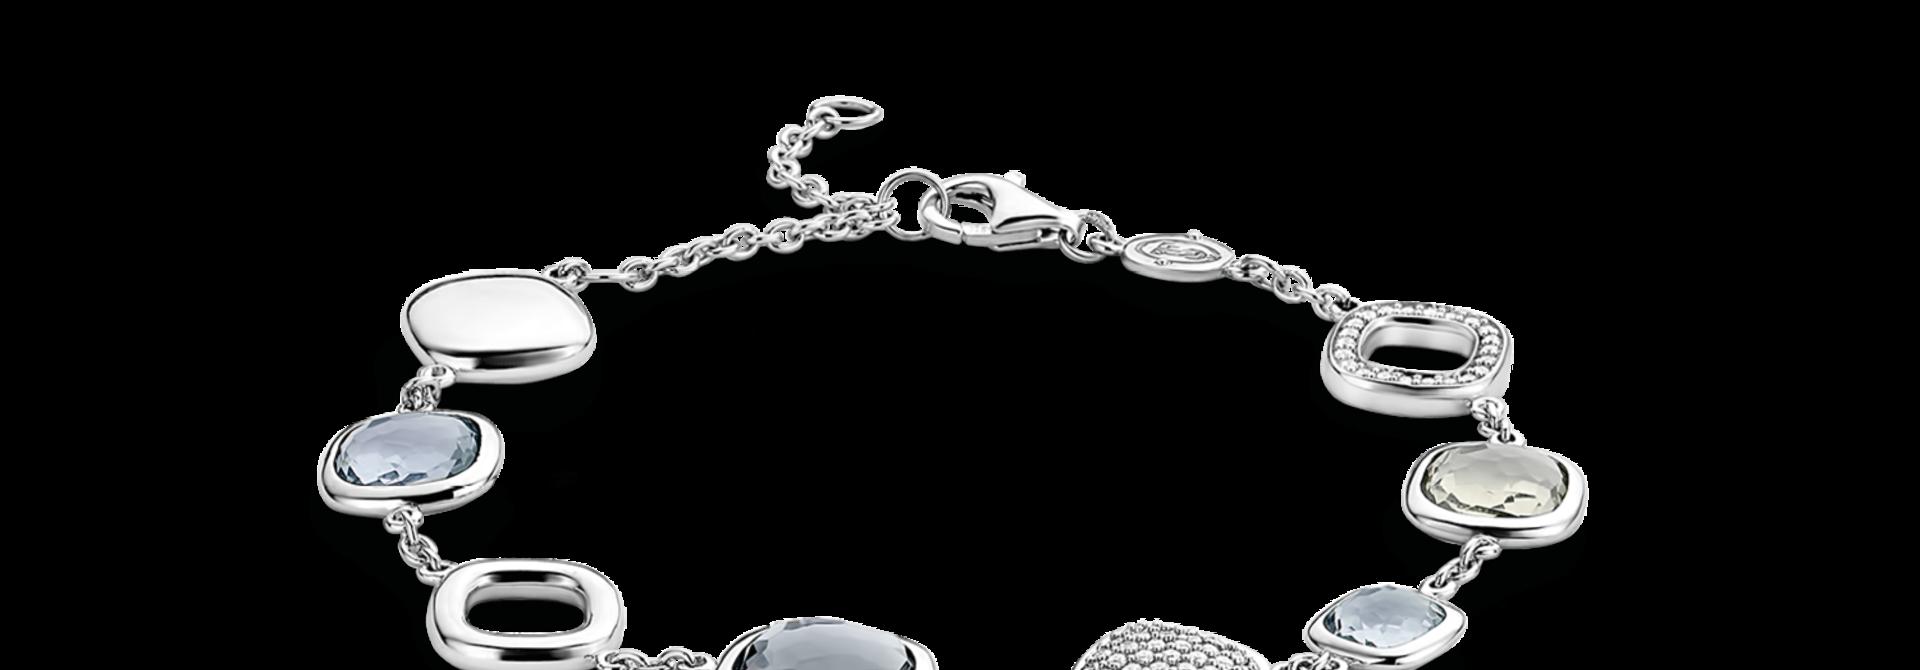 TI SENTO - Milano Bracelet 2920GB